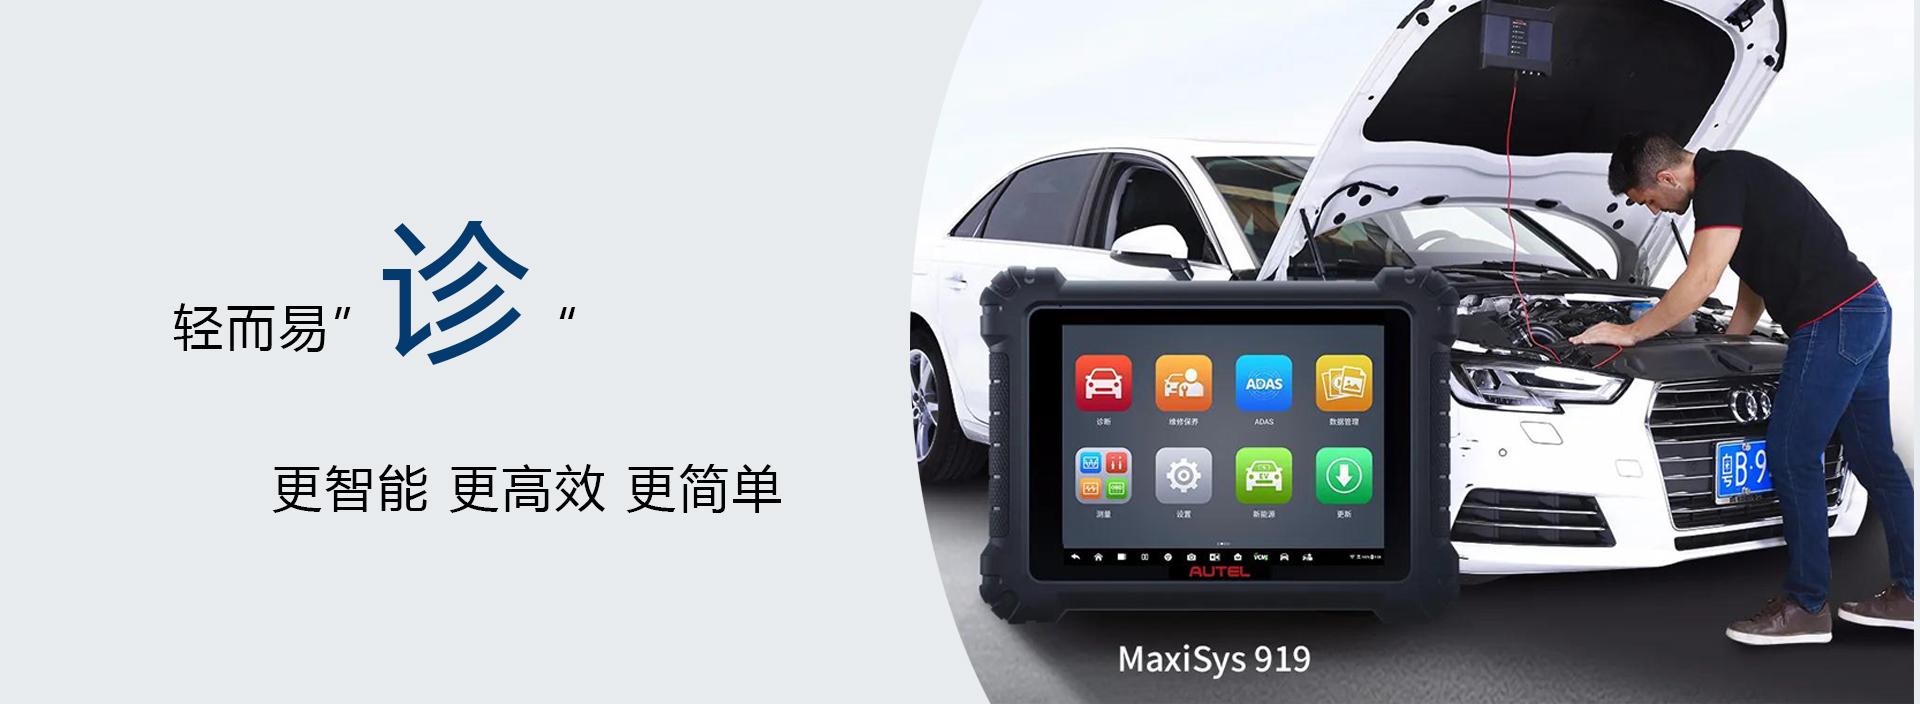 万博max手机官网新万博手机版贸易有限公司【官网】